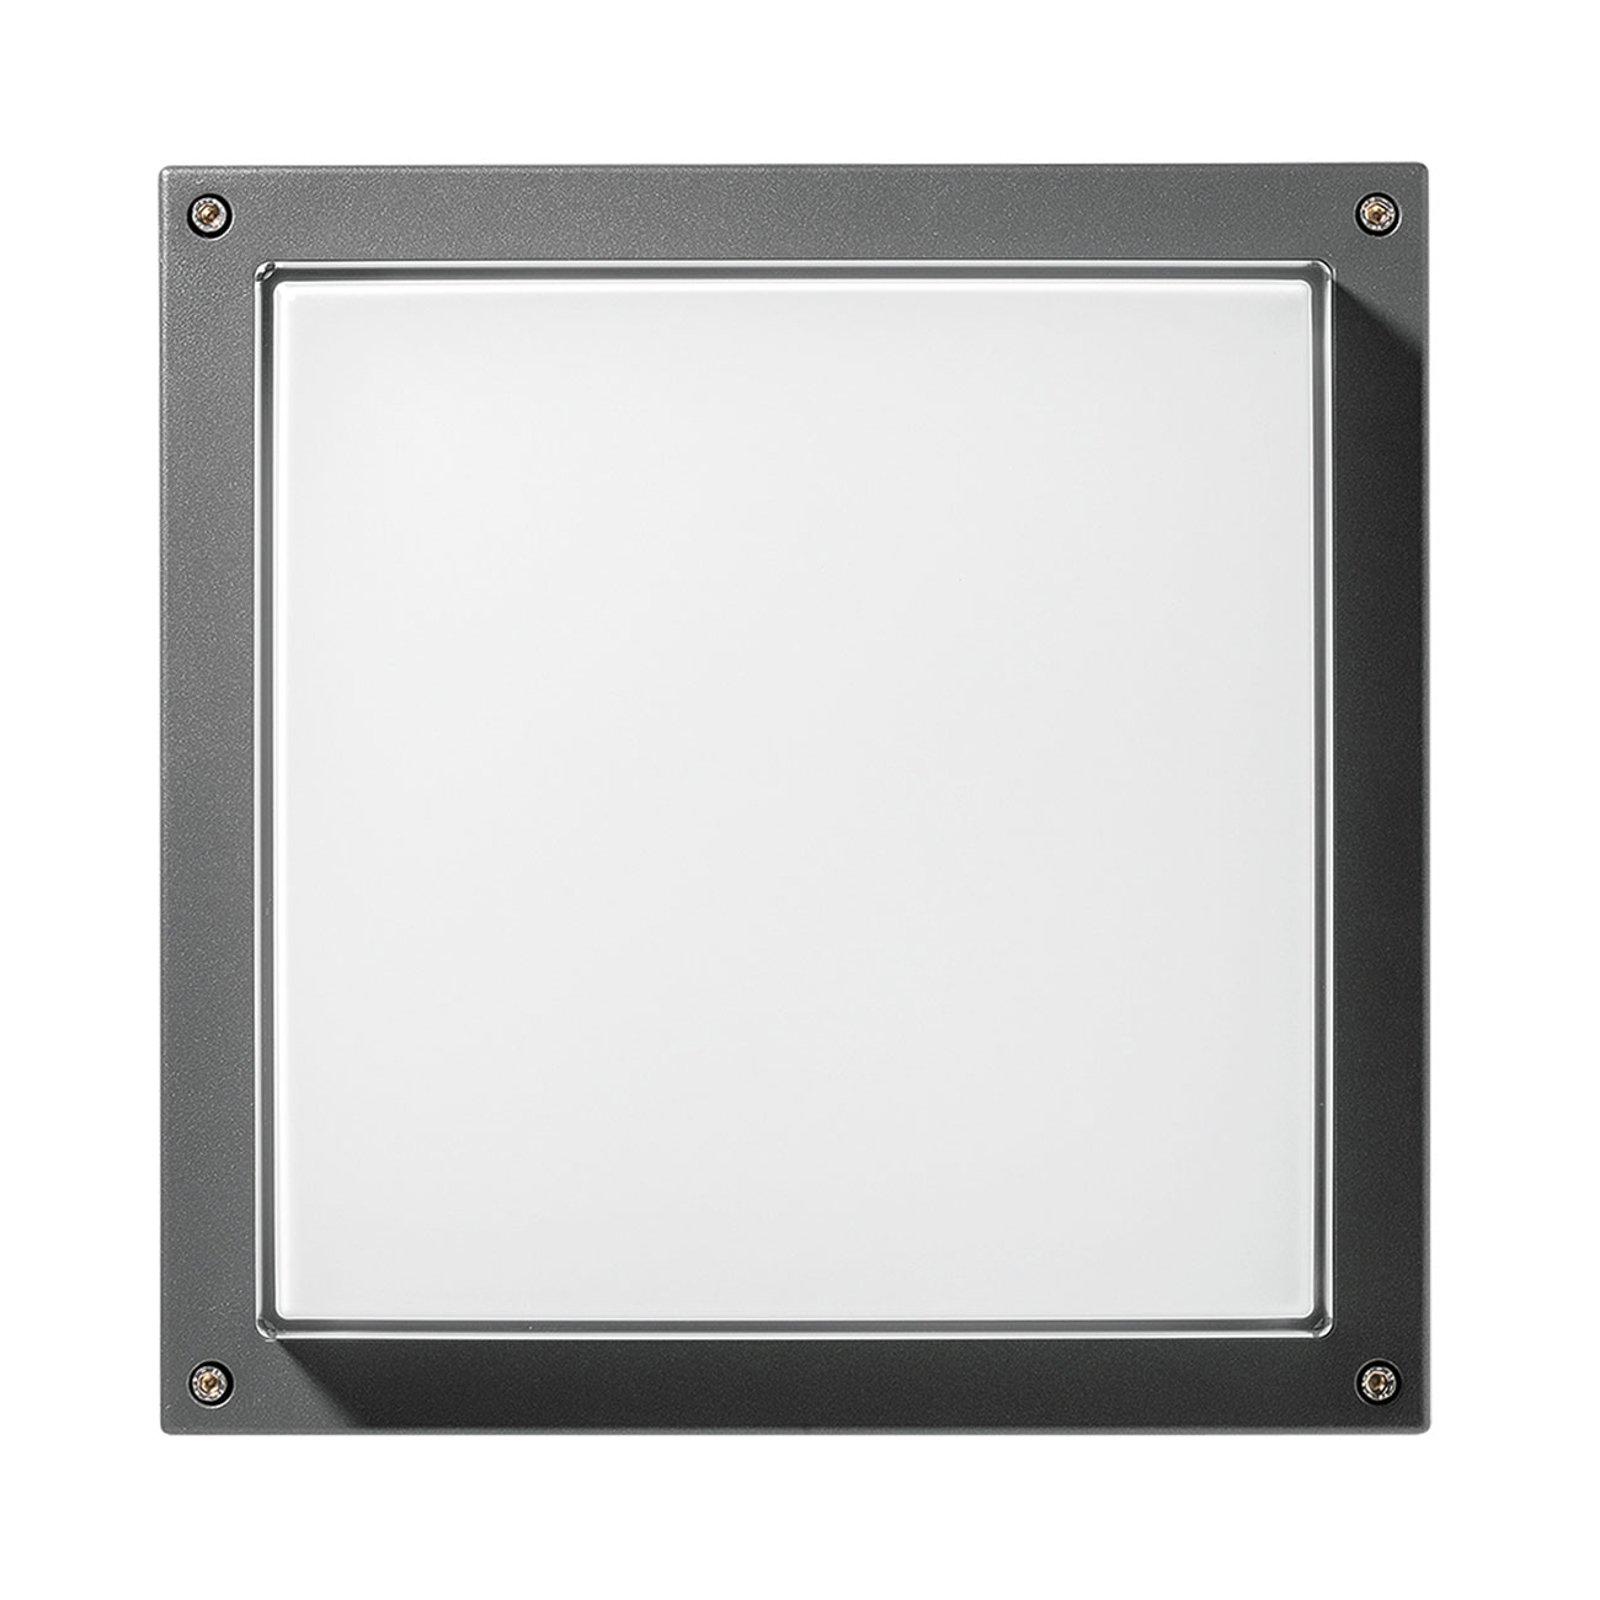 Vegglampe Bliz Square 40 3 000 K, antrasitt dimbar